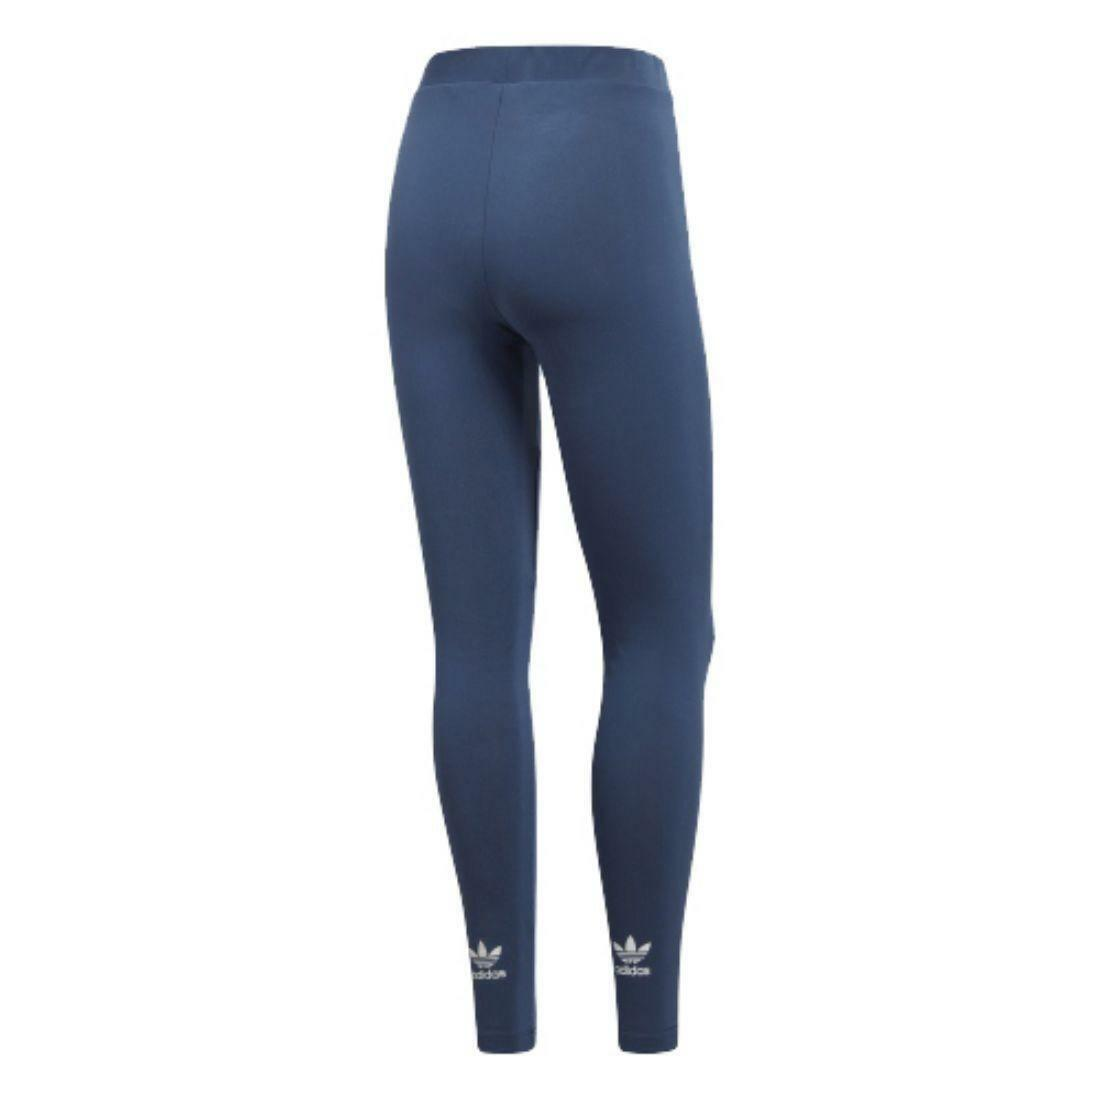 adidas adidas trefoil tight leggings donna blu cw5078